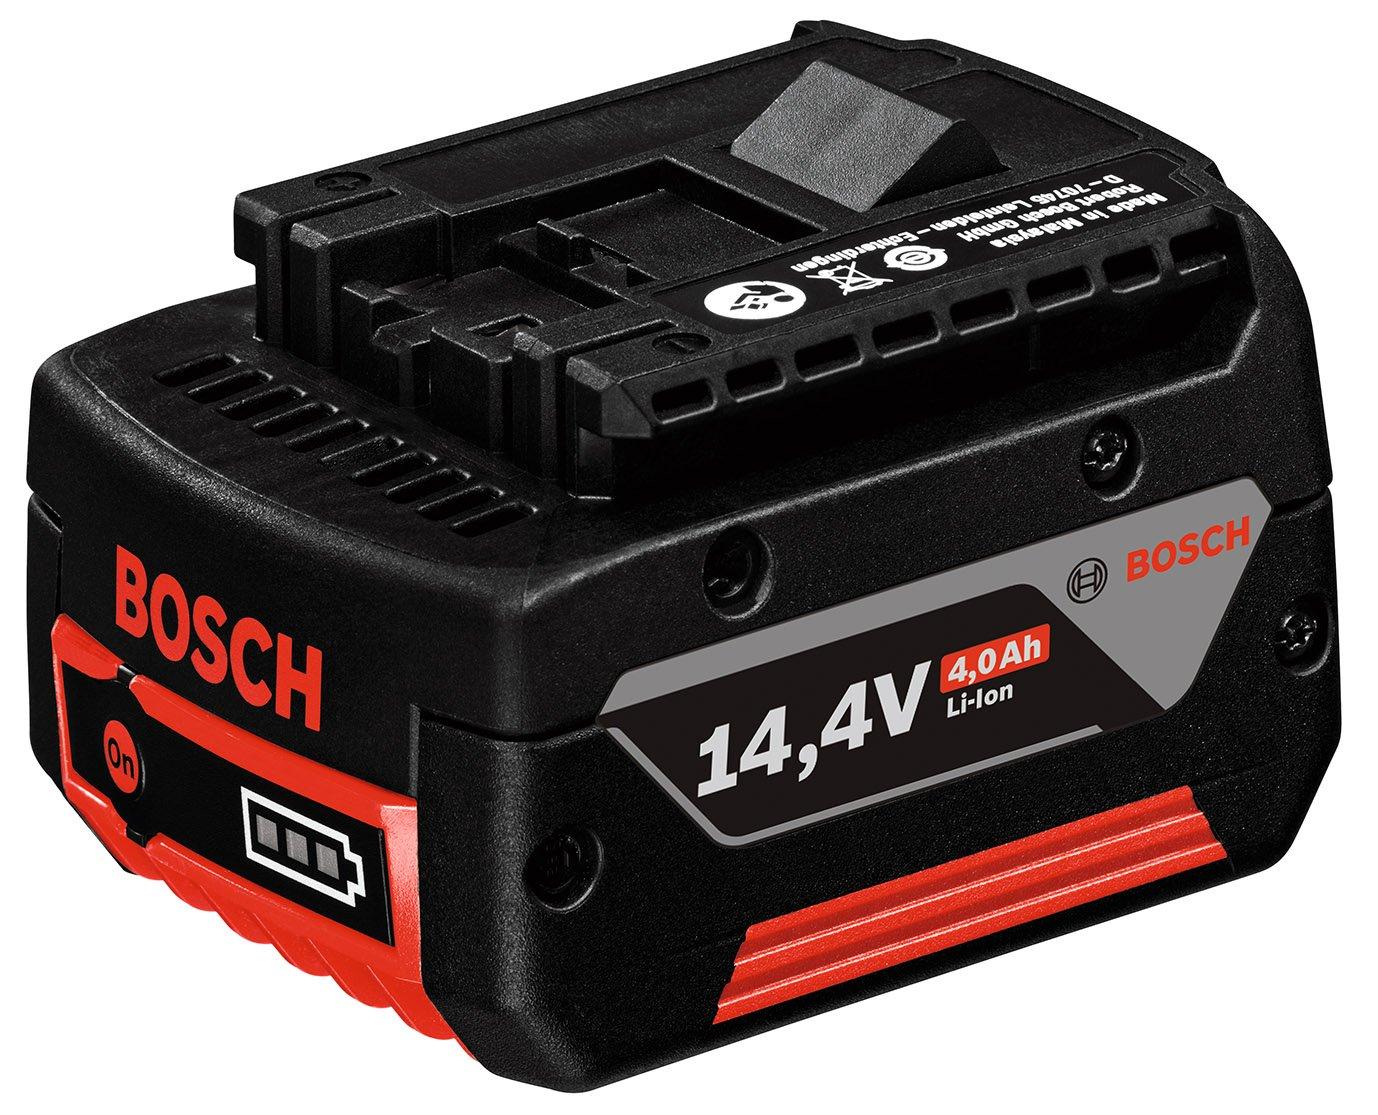 BOSCH(ボッシュ) 14.4V4.0Ahリチウムイオンバッテリー